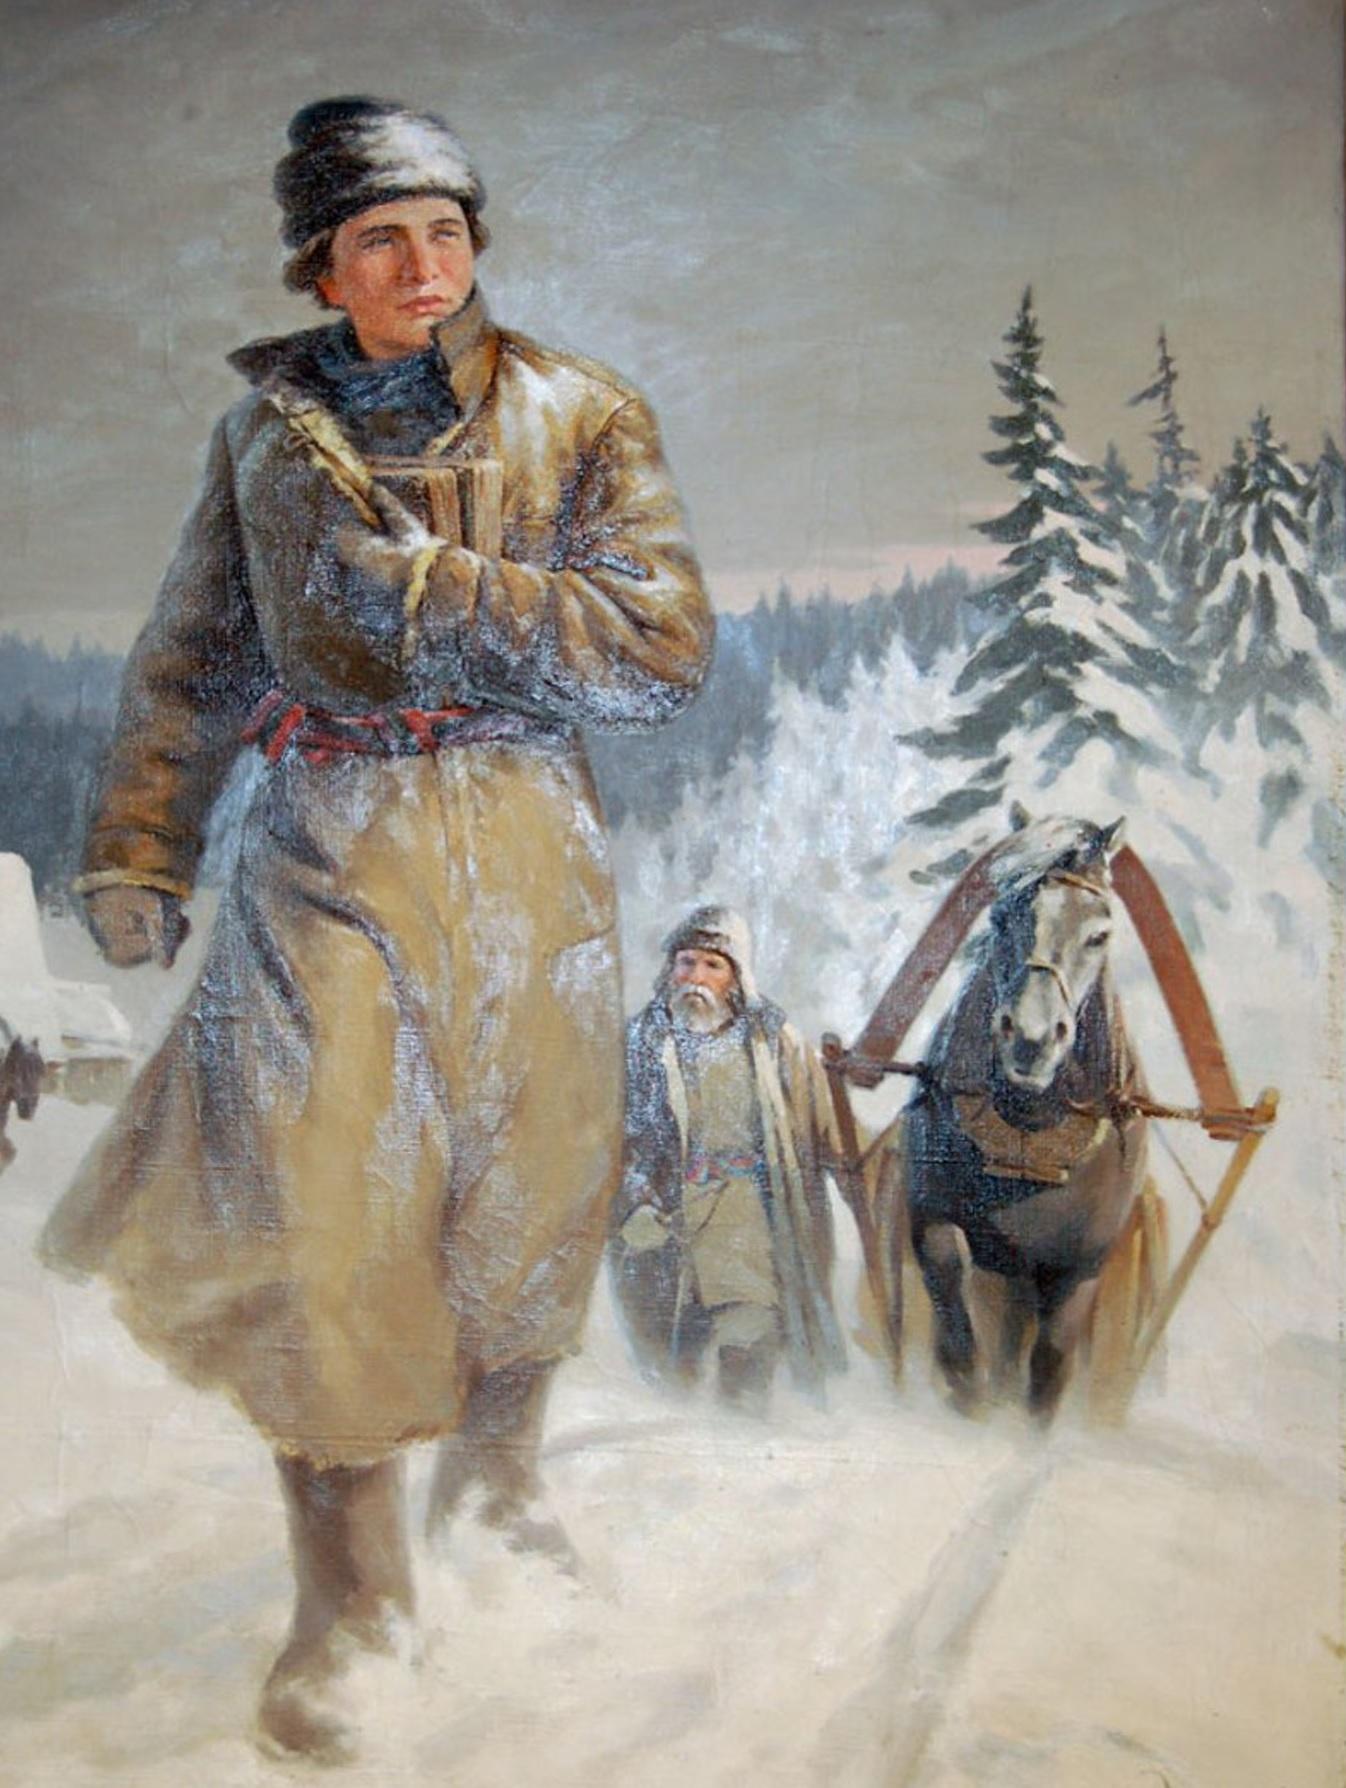 В декабре 1730 года юный Михайло Ломоносов прибыл в Первопрестольную с обозом архангельской трески